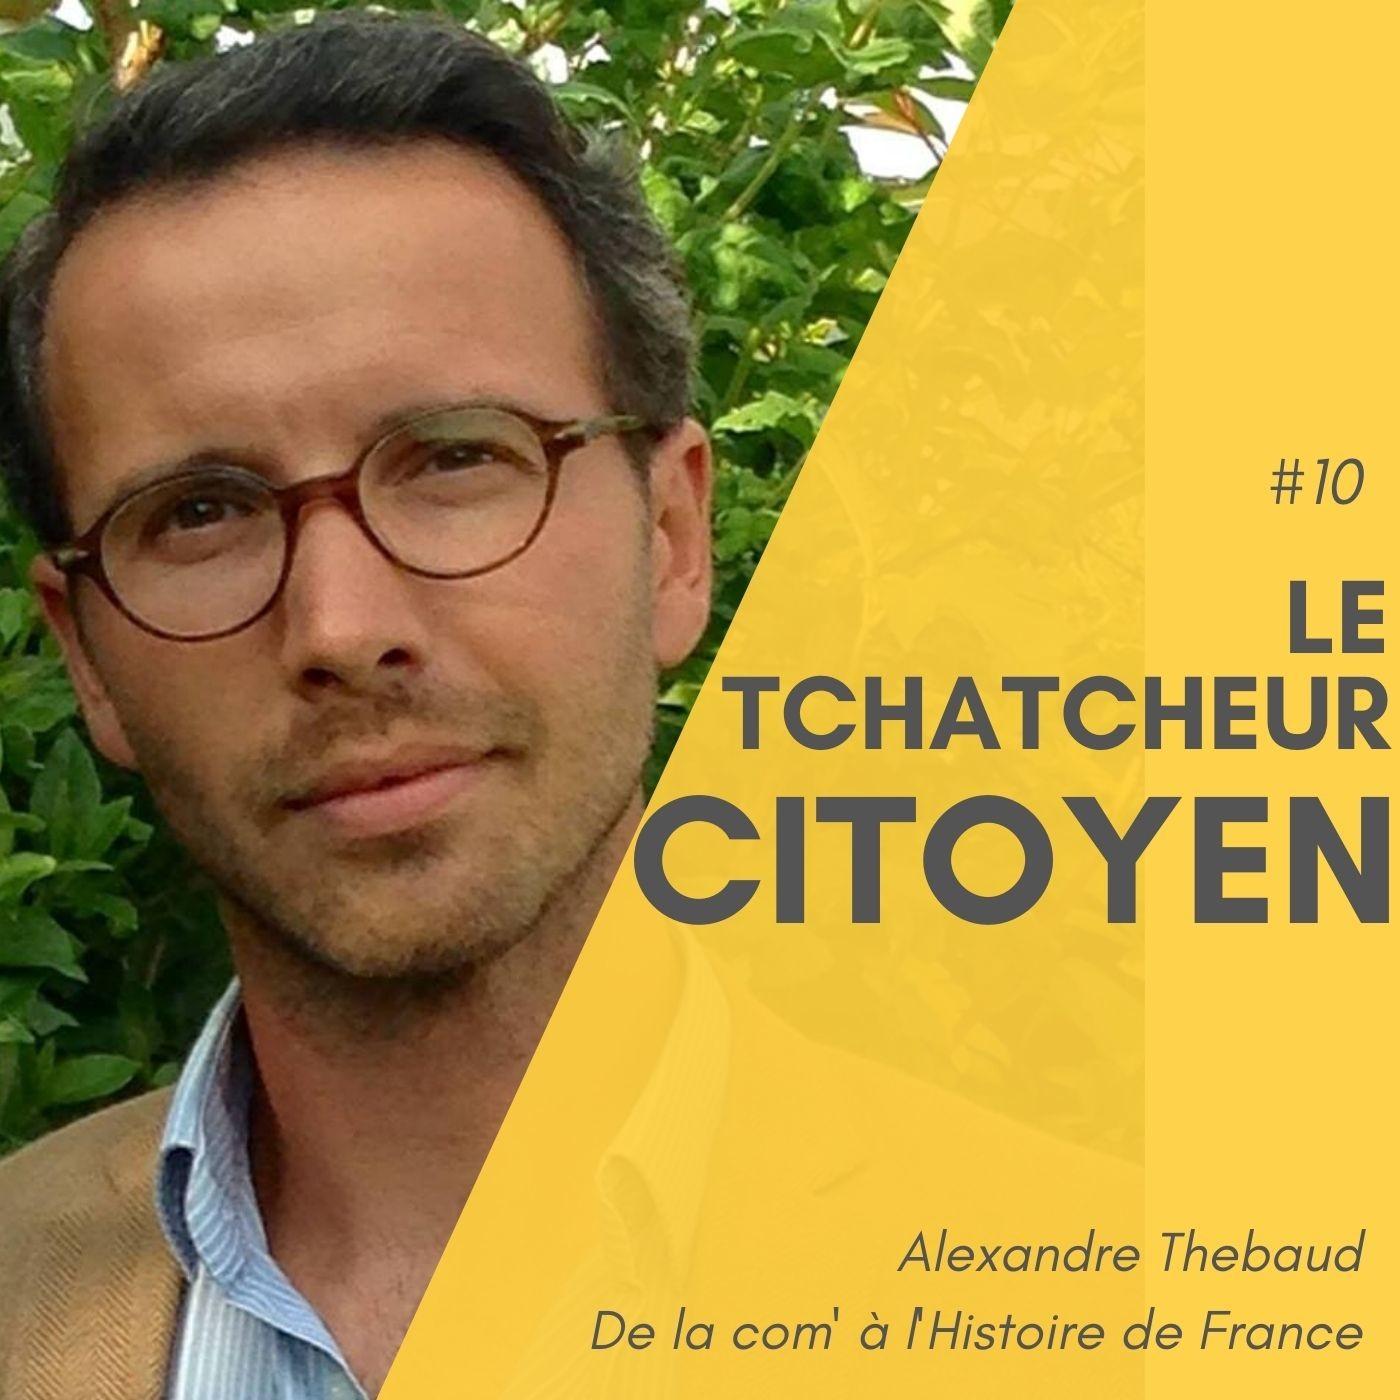 #10 Le tchatcheur citoyen